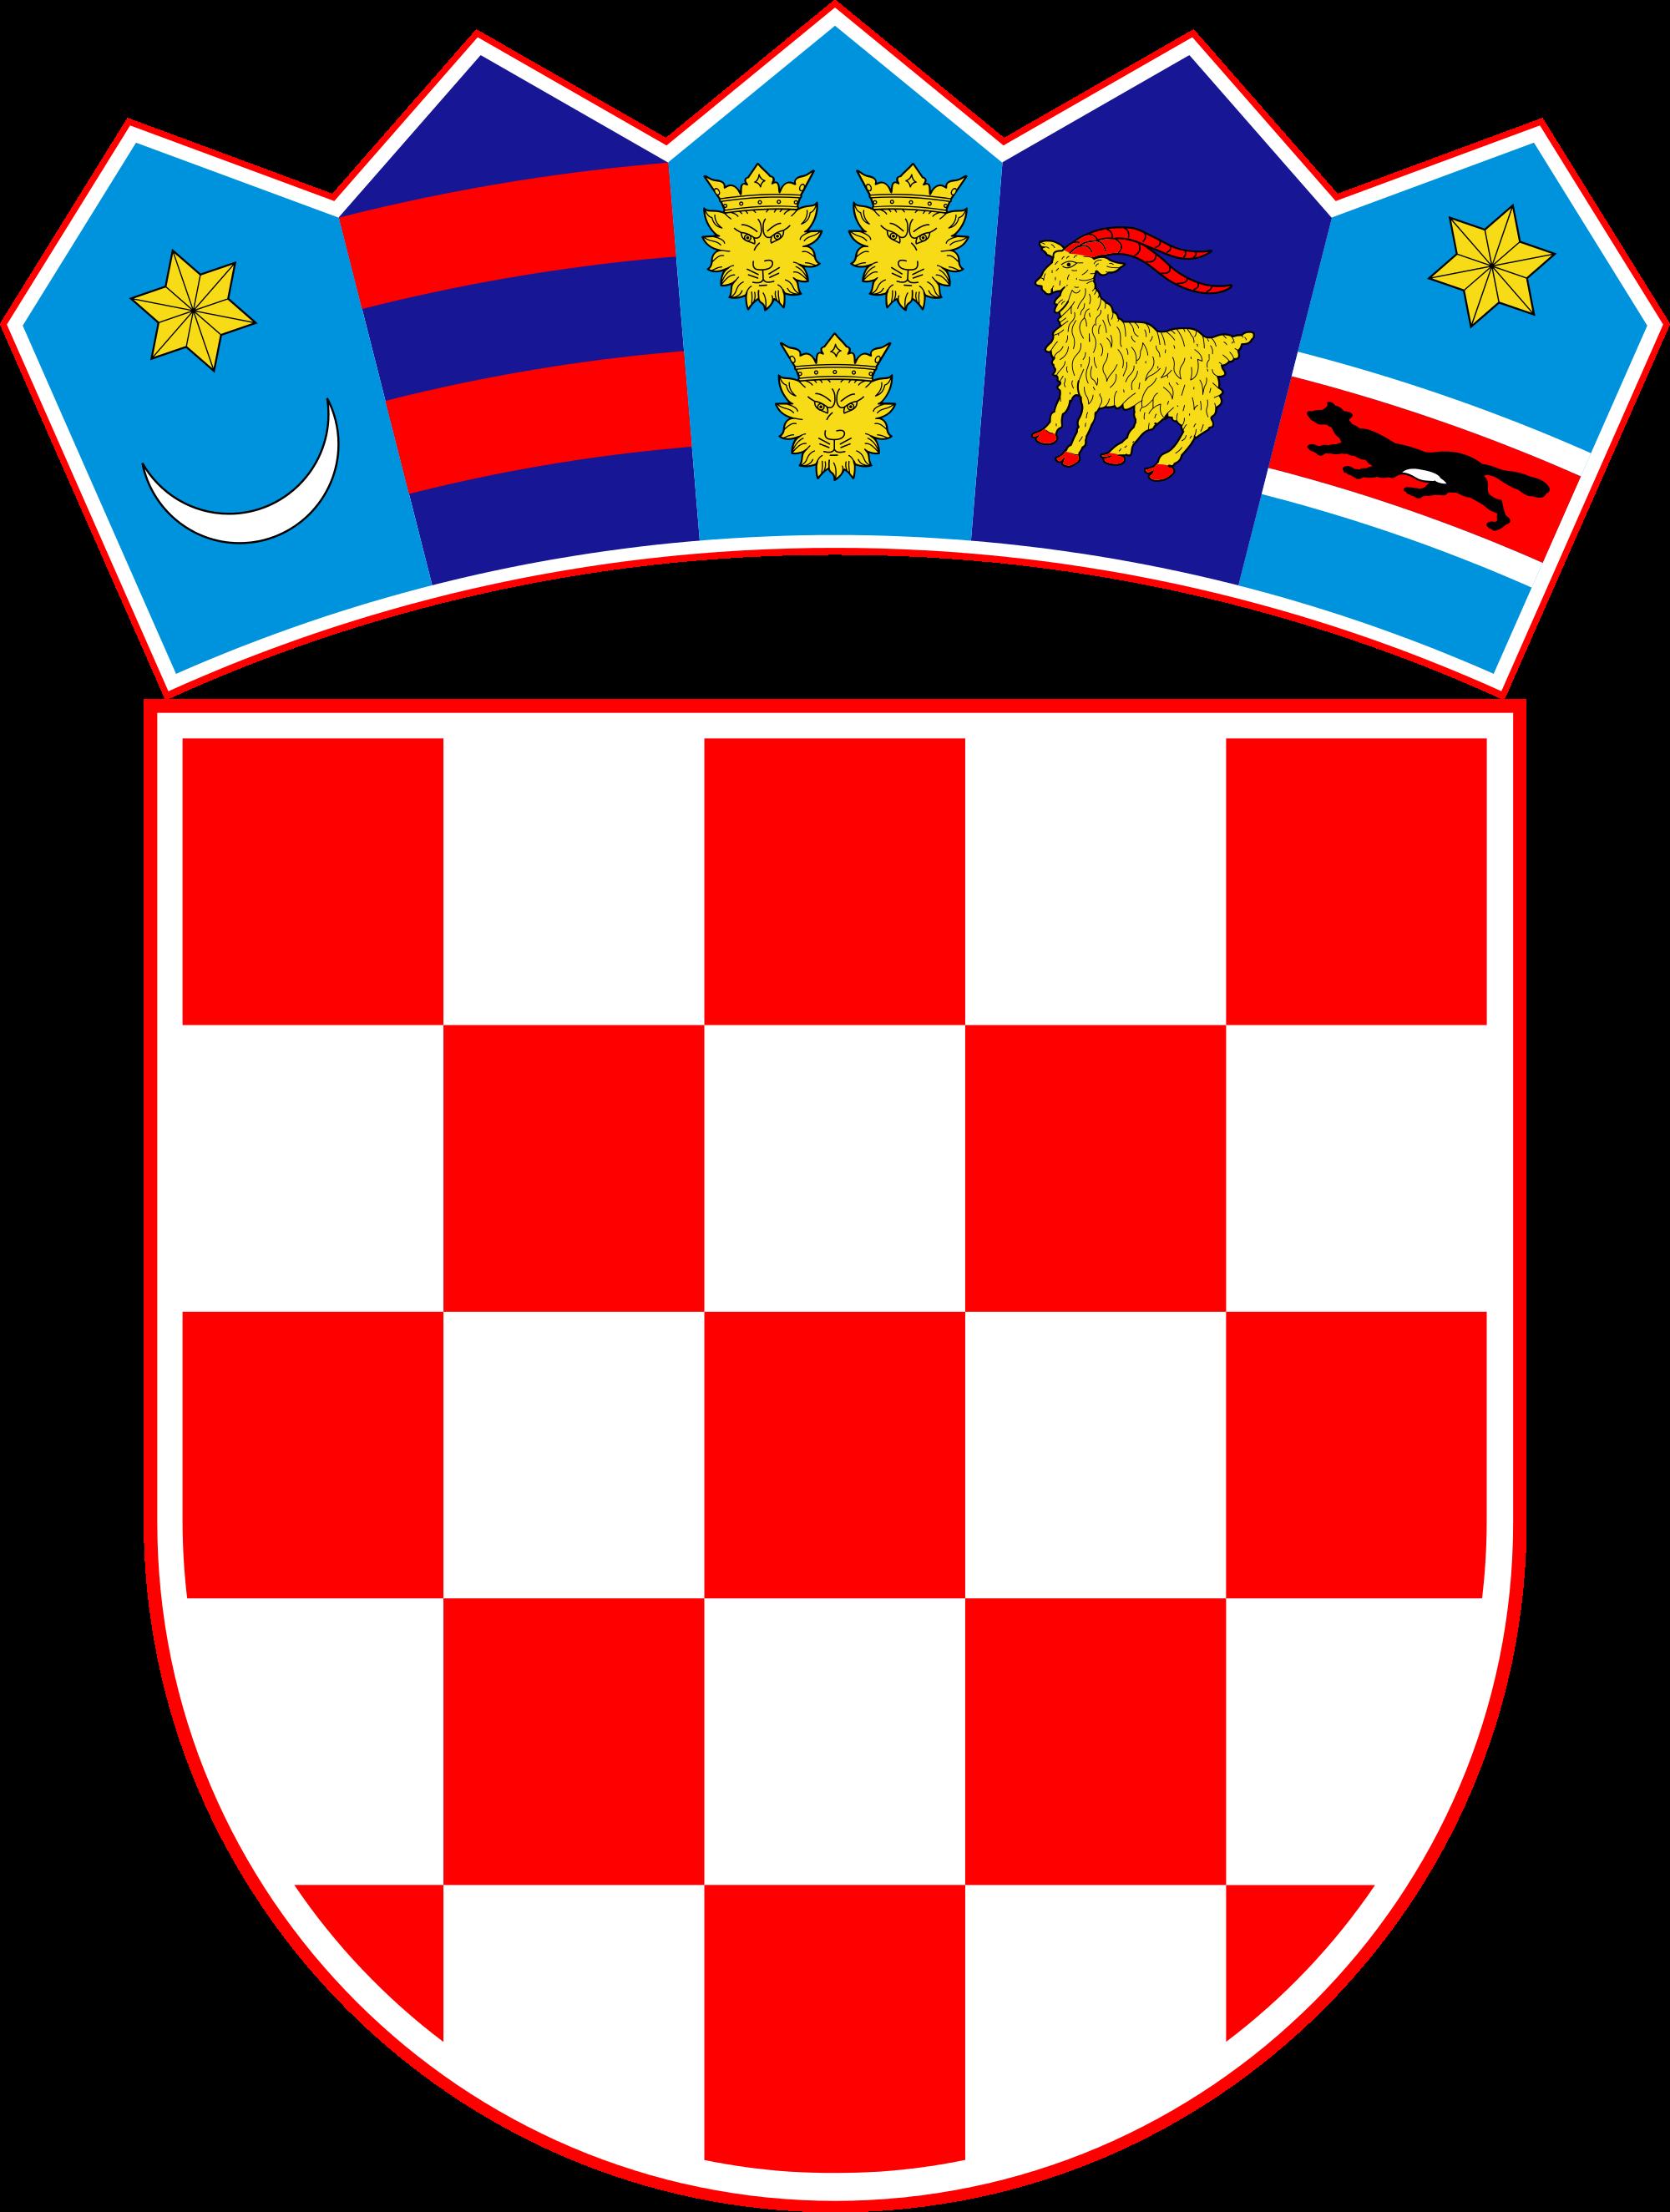 Wapen van Kroatië